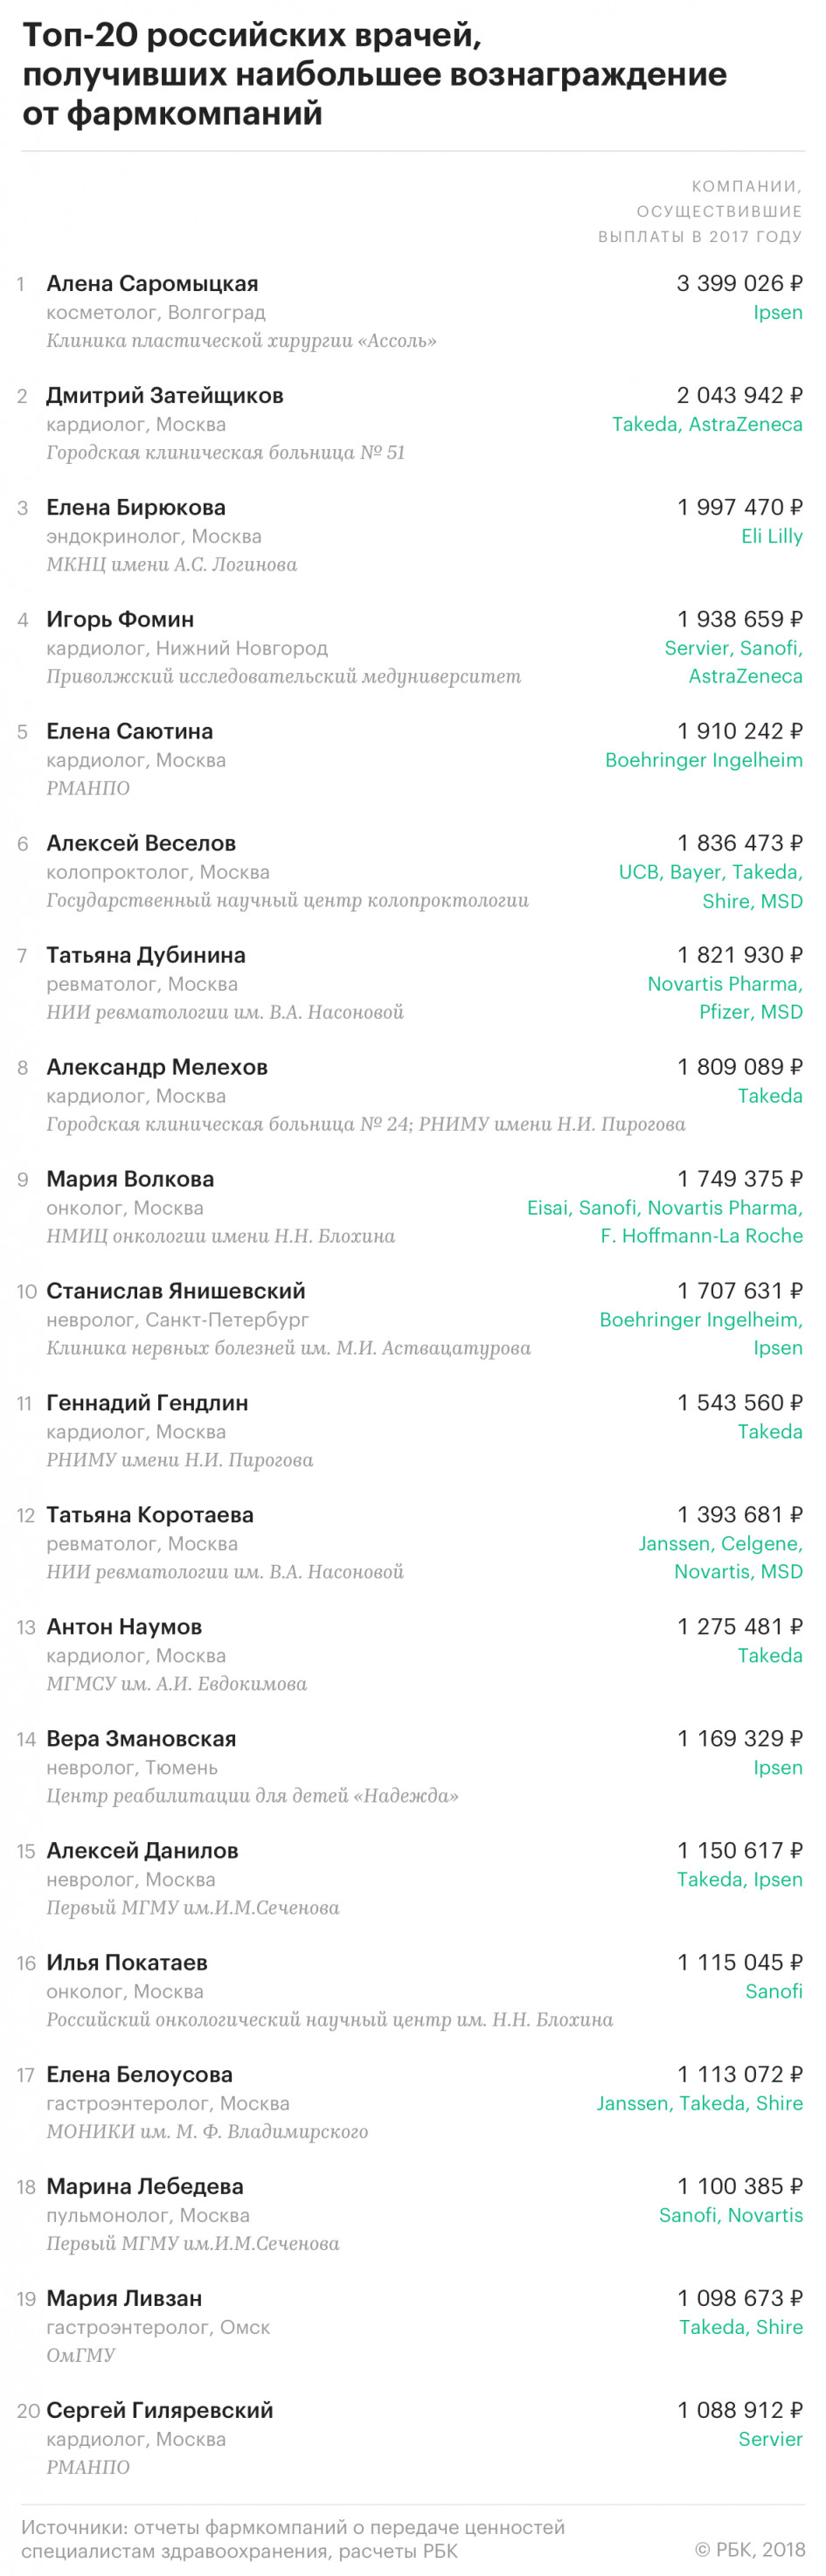 В 2017 году выплаты от иностранных фармкомпаний получили порядка 41 тысячи российских врачей. Всего доктора заработали более 3,3 миллиарда рублей, а 25 из них – получили более миллиона каждый, передаёт РБК. Количество выплат